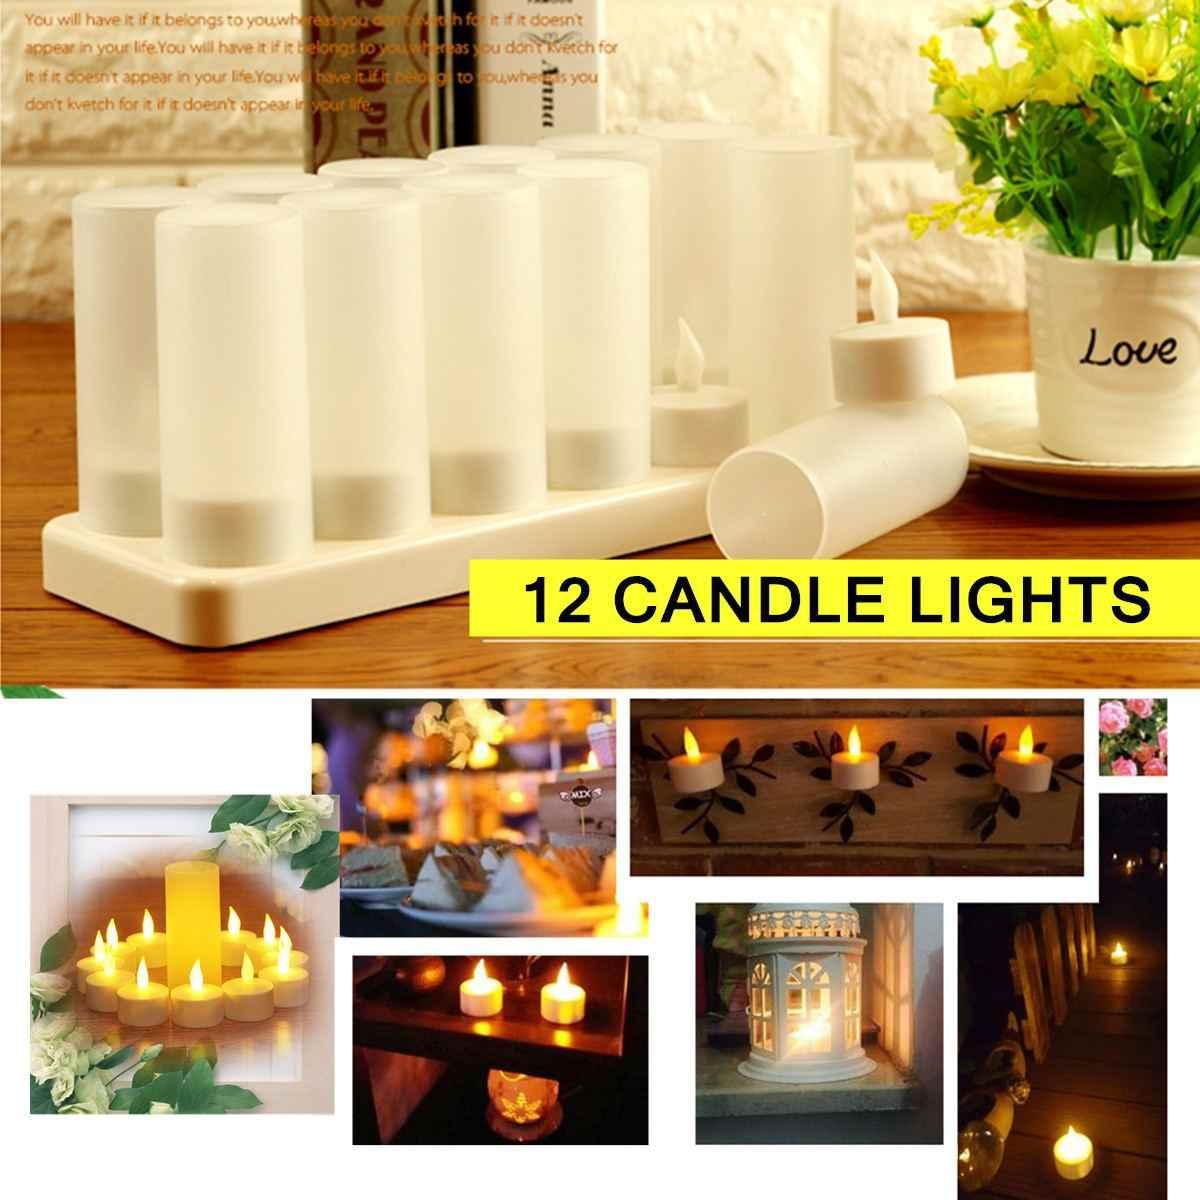 12 có thể sạc lại Nhấp Nháy LED Trà Nến Đèn Với Chủ Cho Bữa Ăn Tối Đám Cưới Ngọn Lửa Định Hình LED Bóng Đèn cho Đám Cưới Của Bên